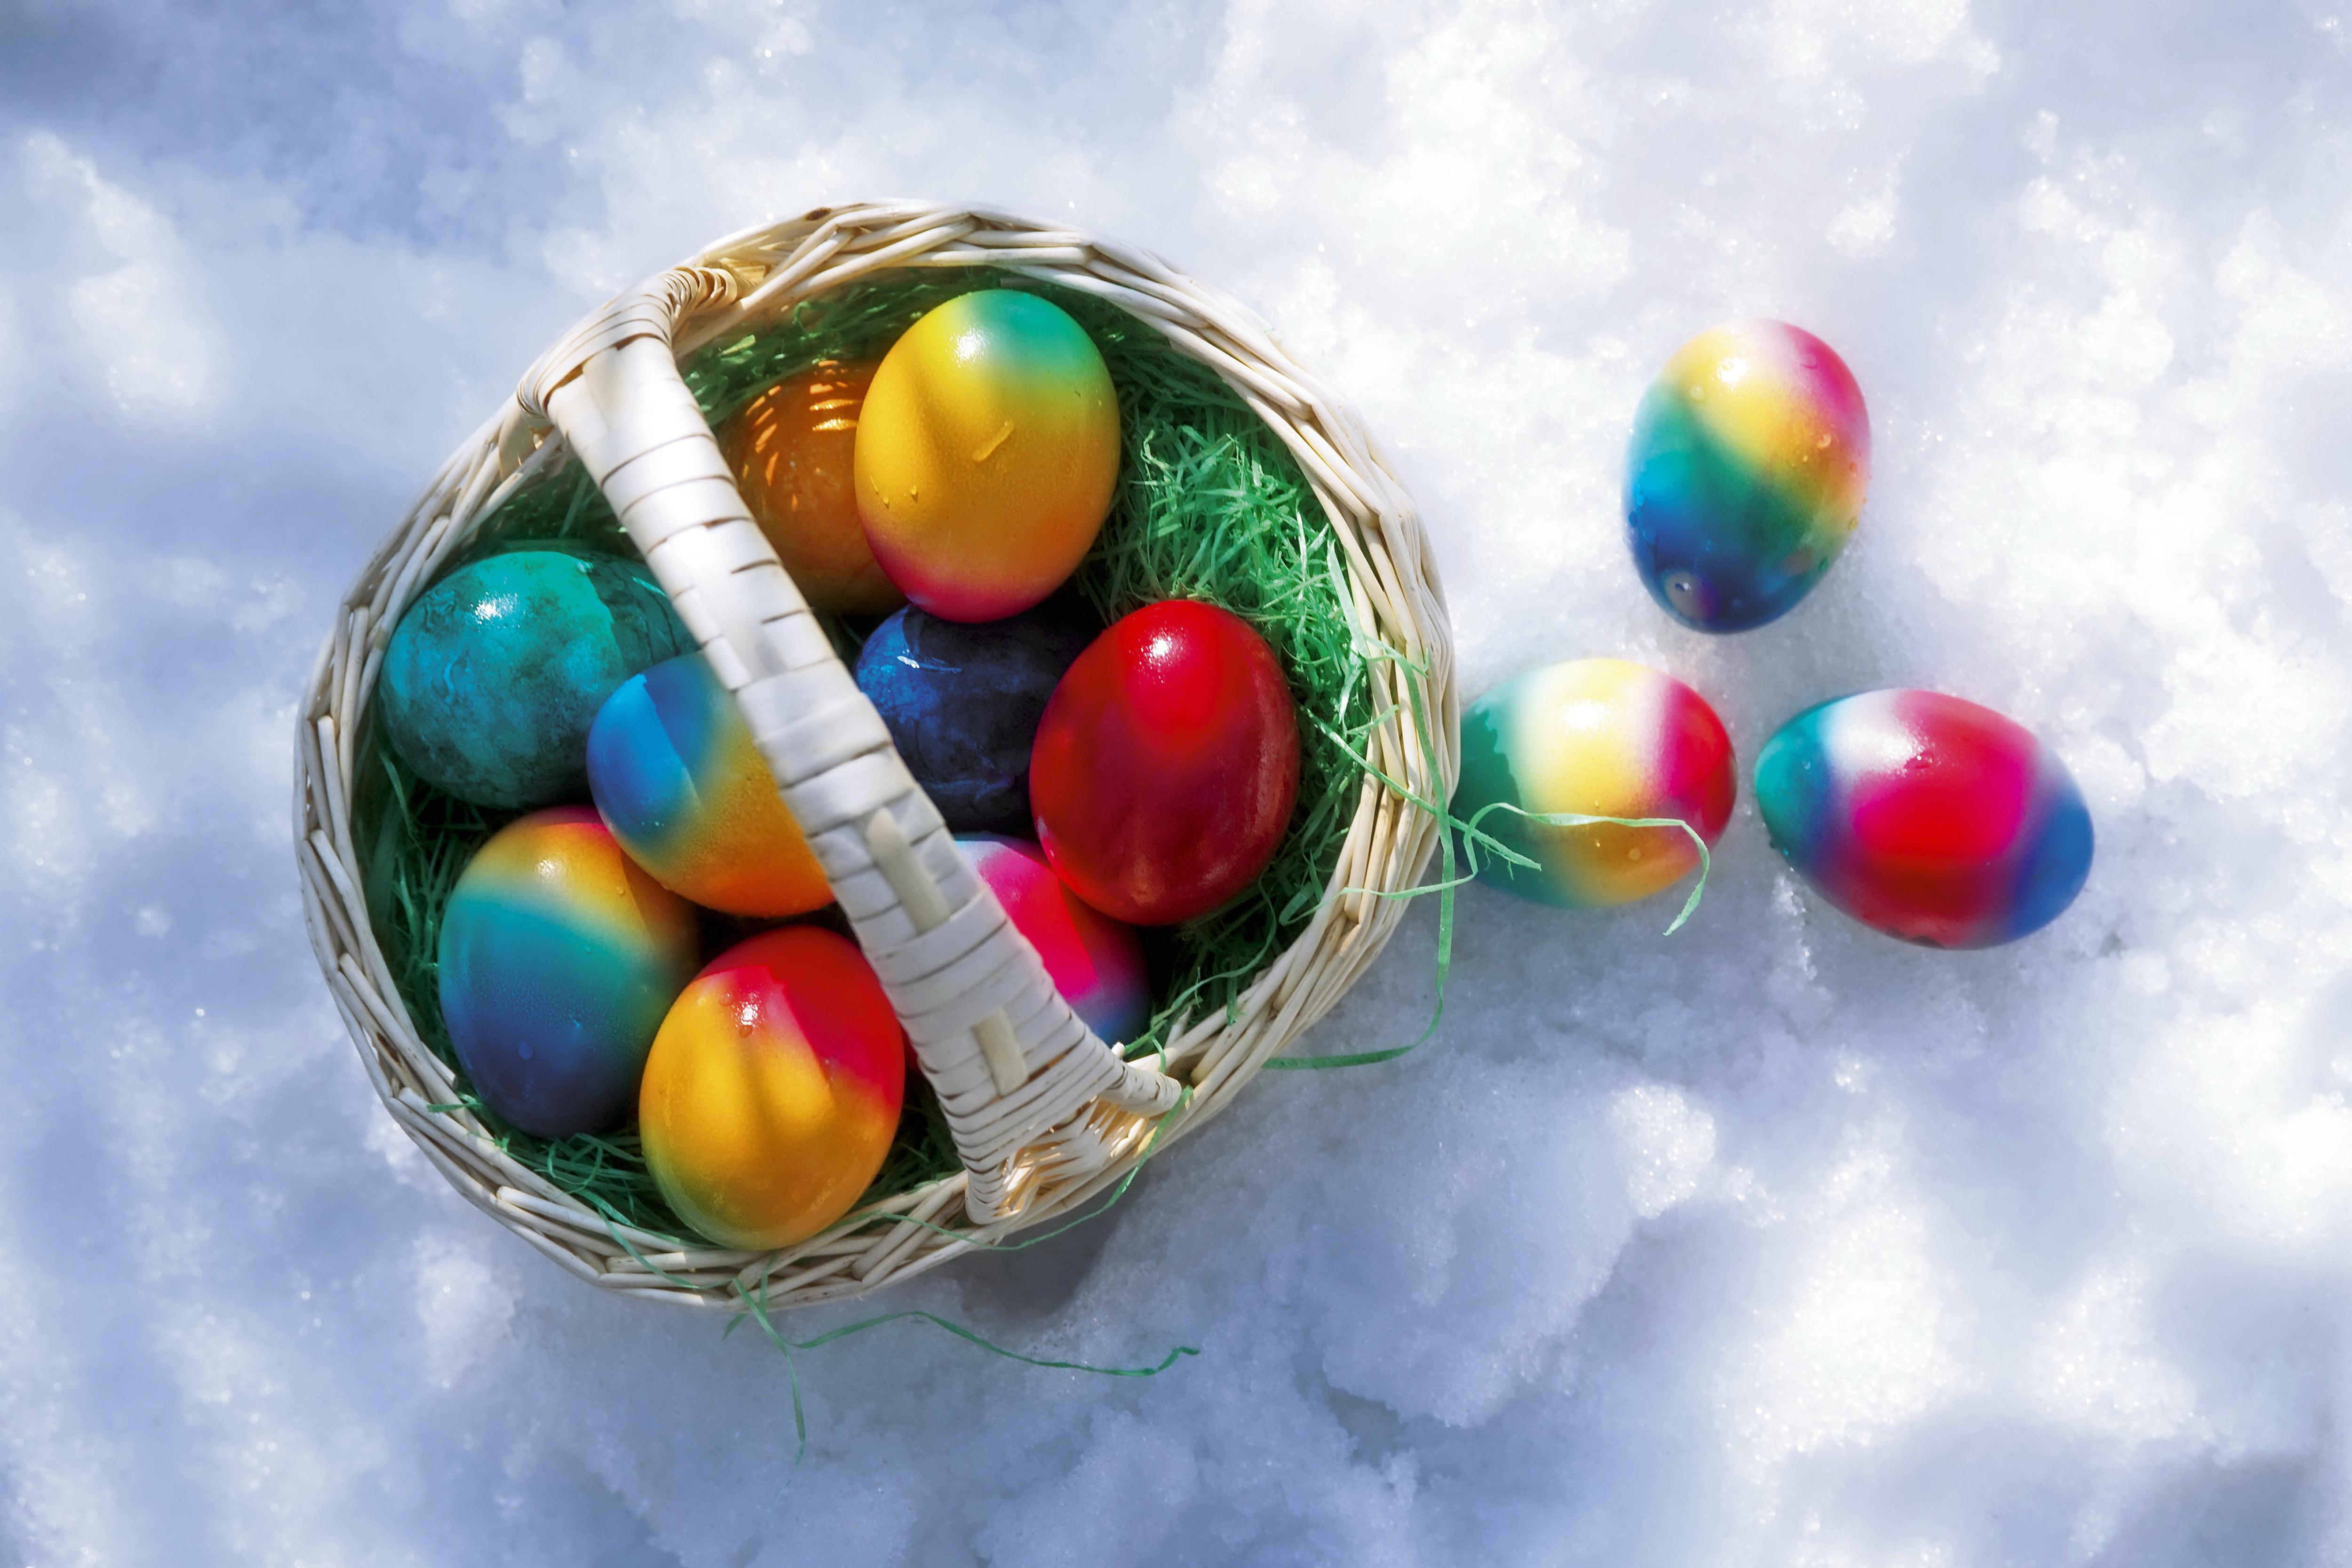 壁紙 5000x3333 祝日 復活祭 卵 籠 ダウンロード 写真